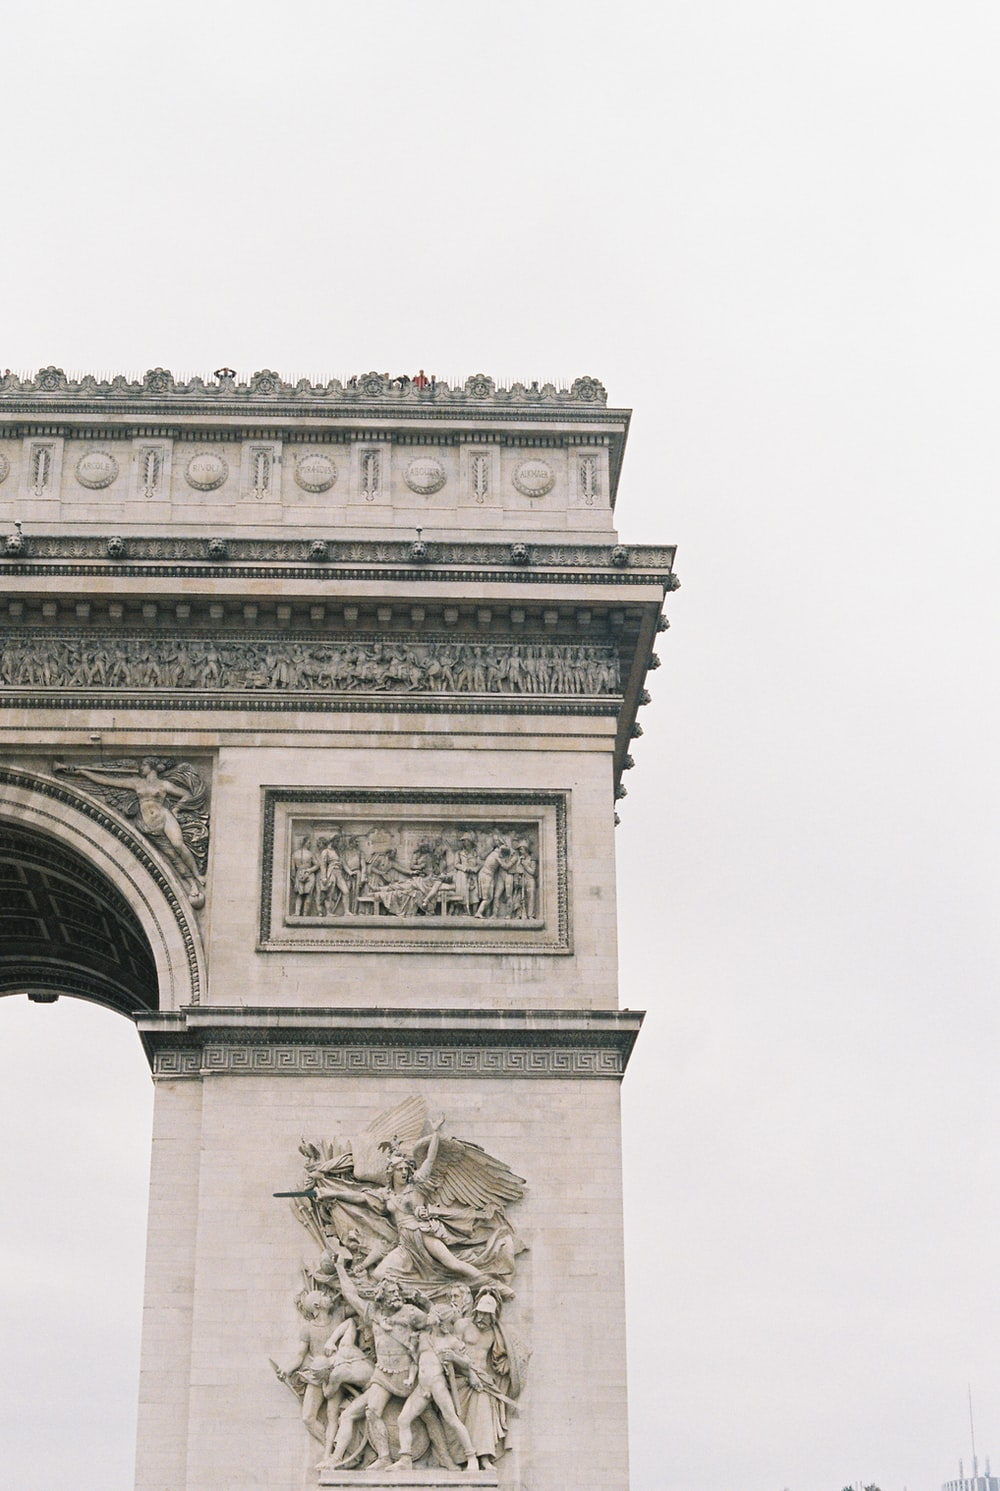 Arch de Triomphe, Paris during daytime